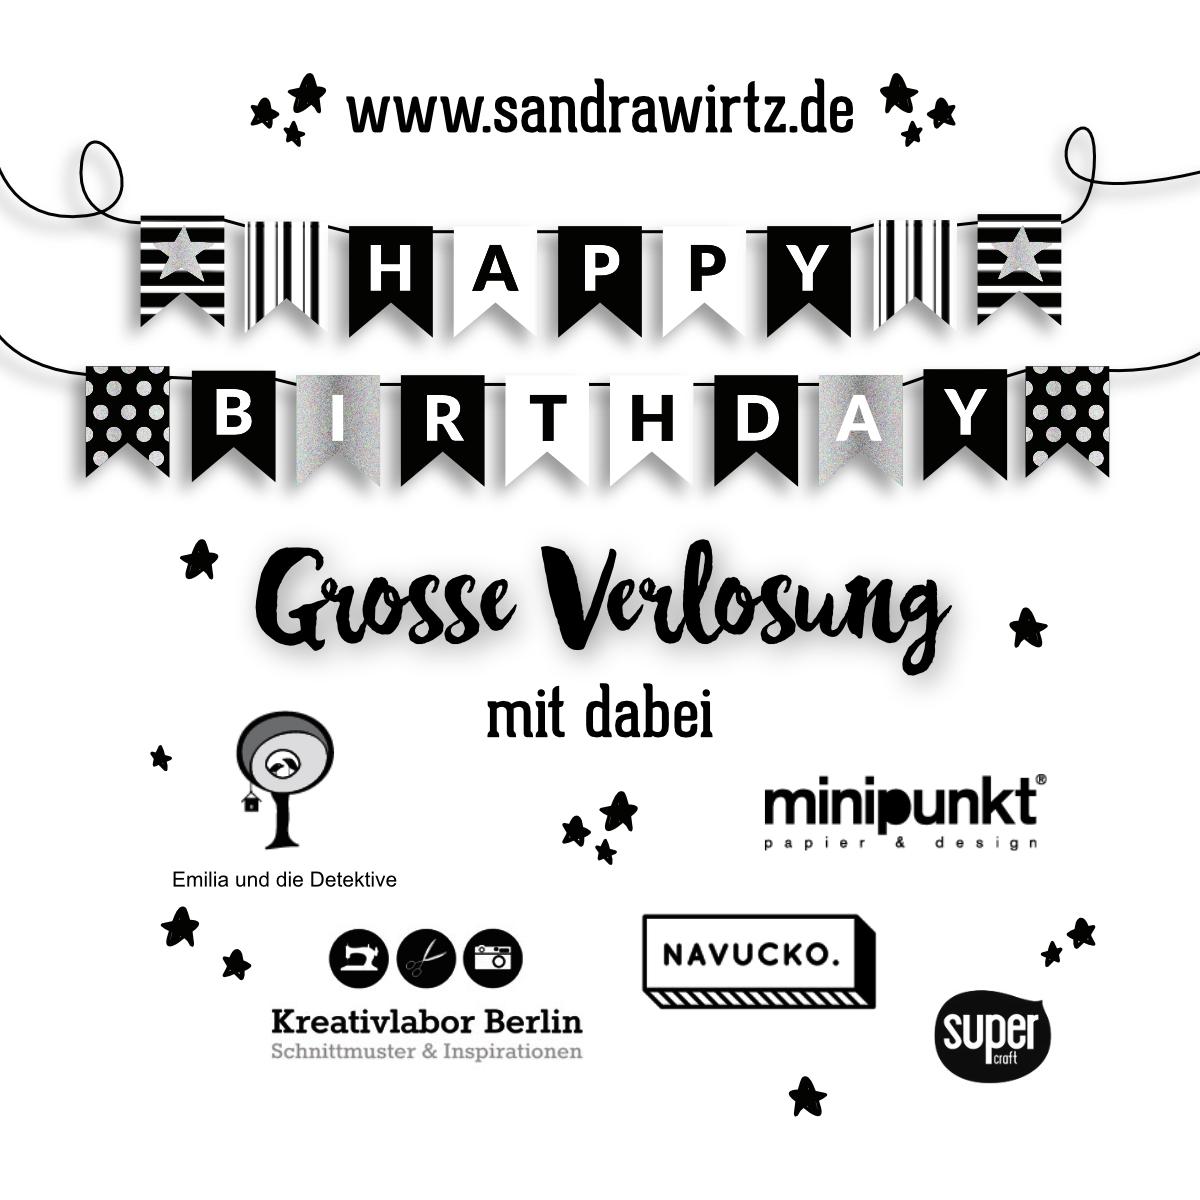 1. Bloggeburtstag Happy Birthday Gewinnspiel